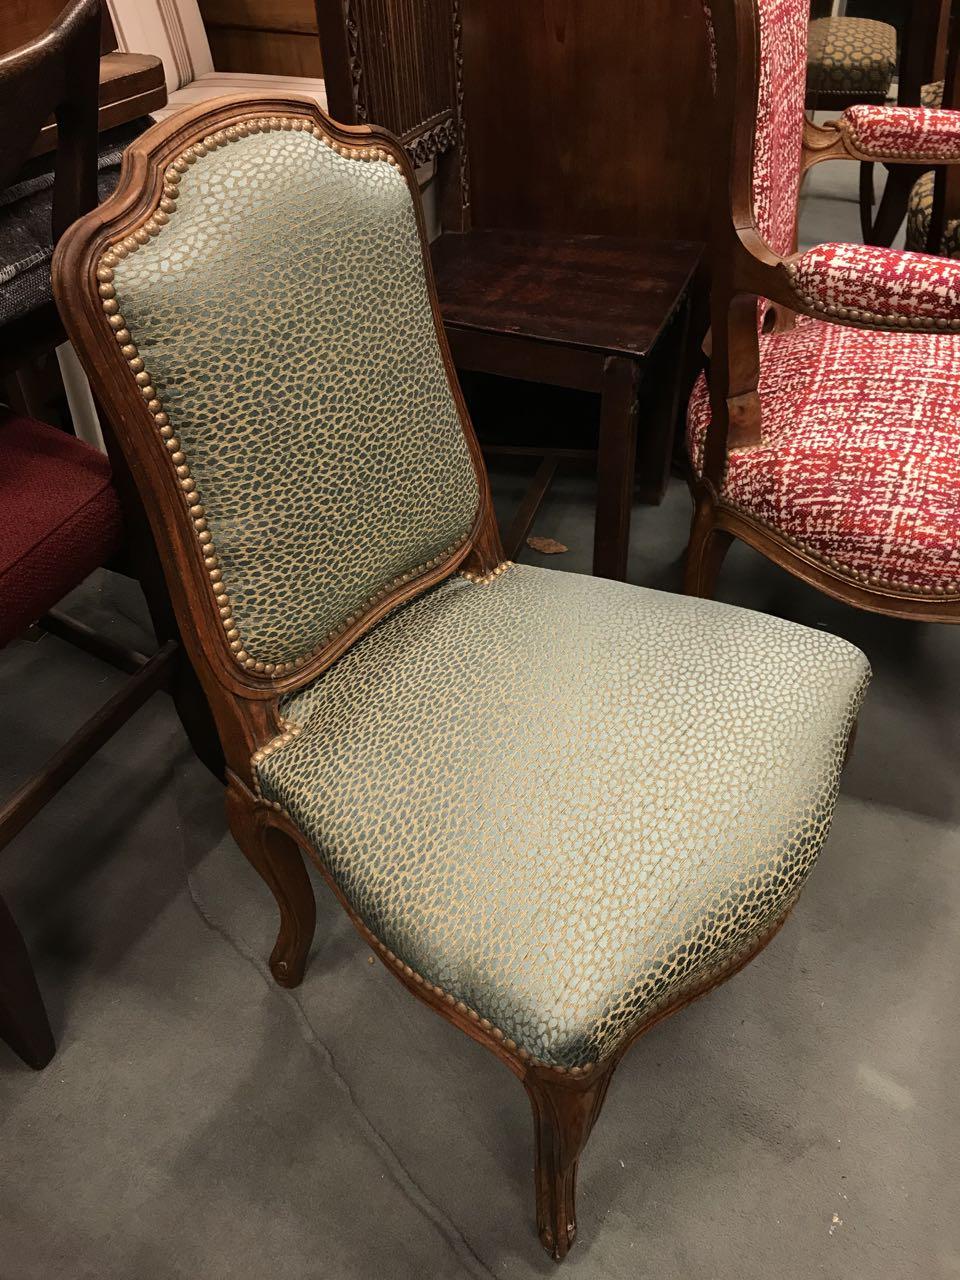 chaise de style Louis XV 3Atelier Patrice Bricout EPV Marcq en Baroeul | Atelier Patrice Bricout